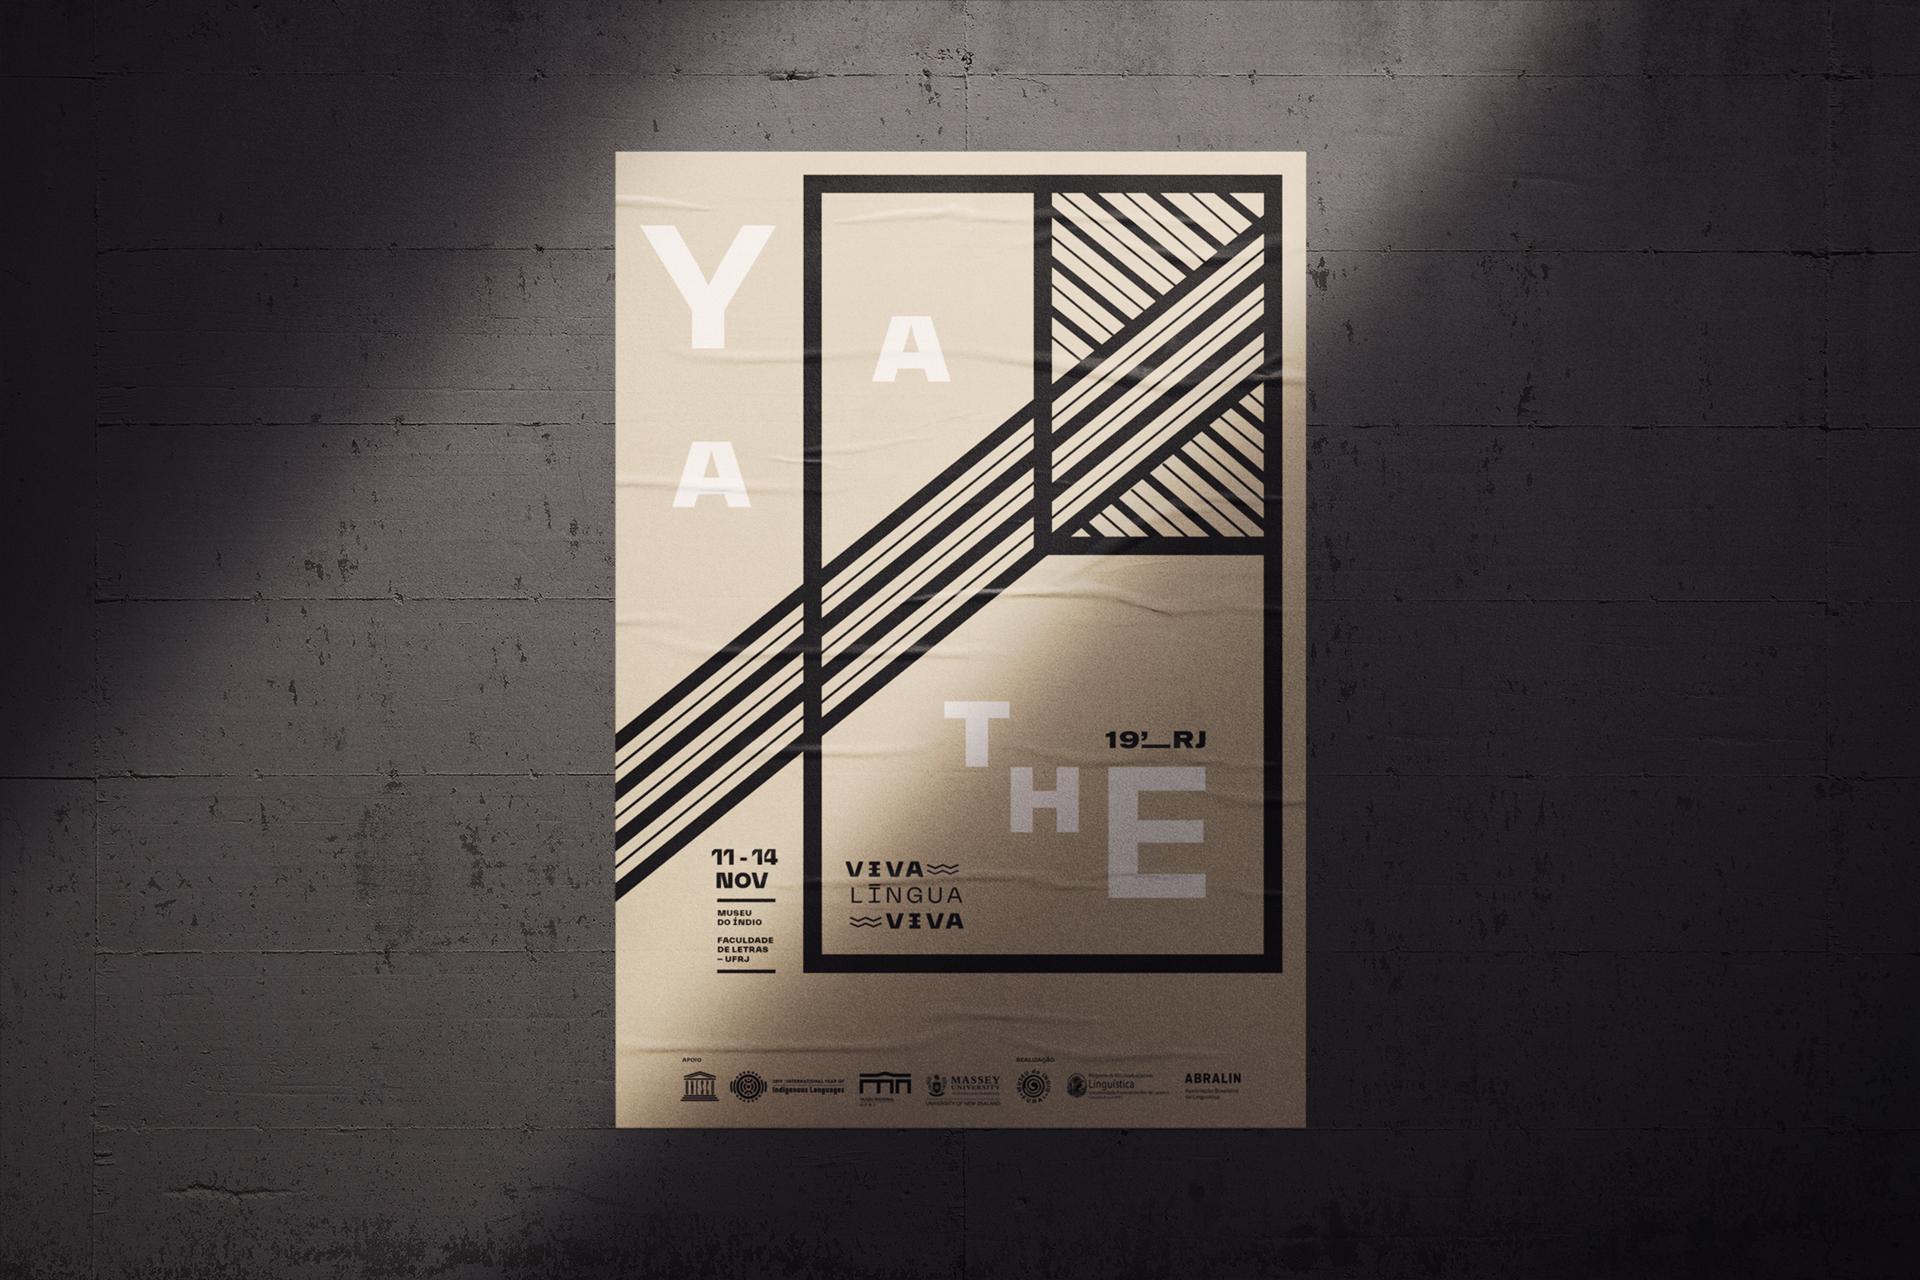 VLV-cartaz-03